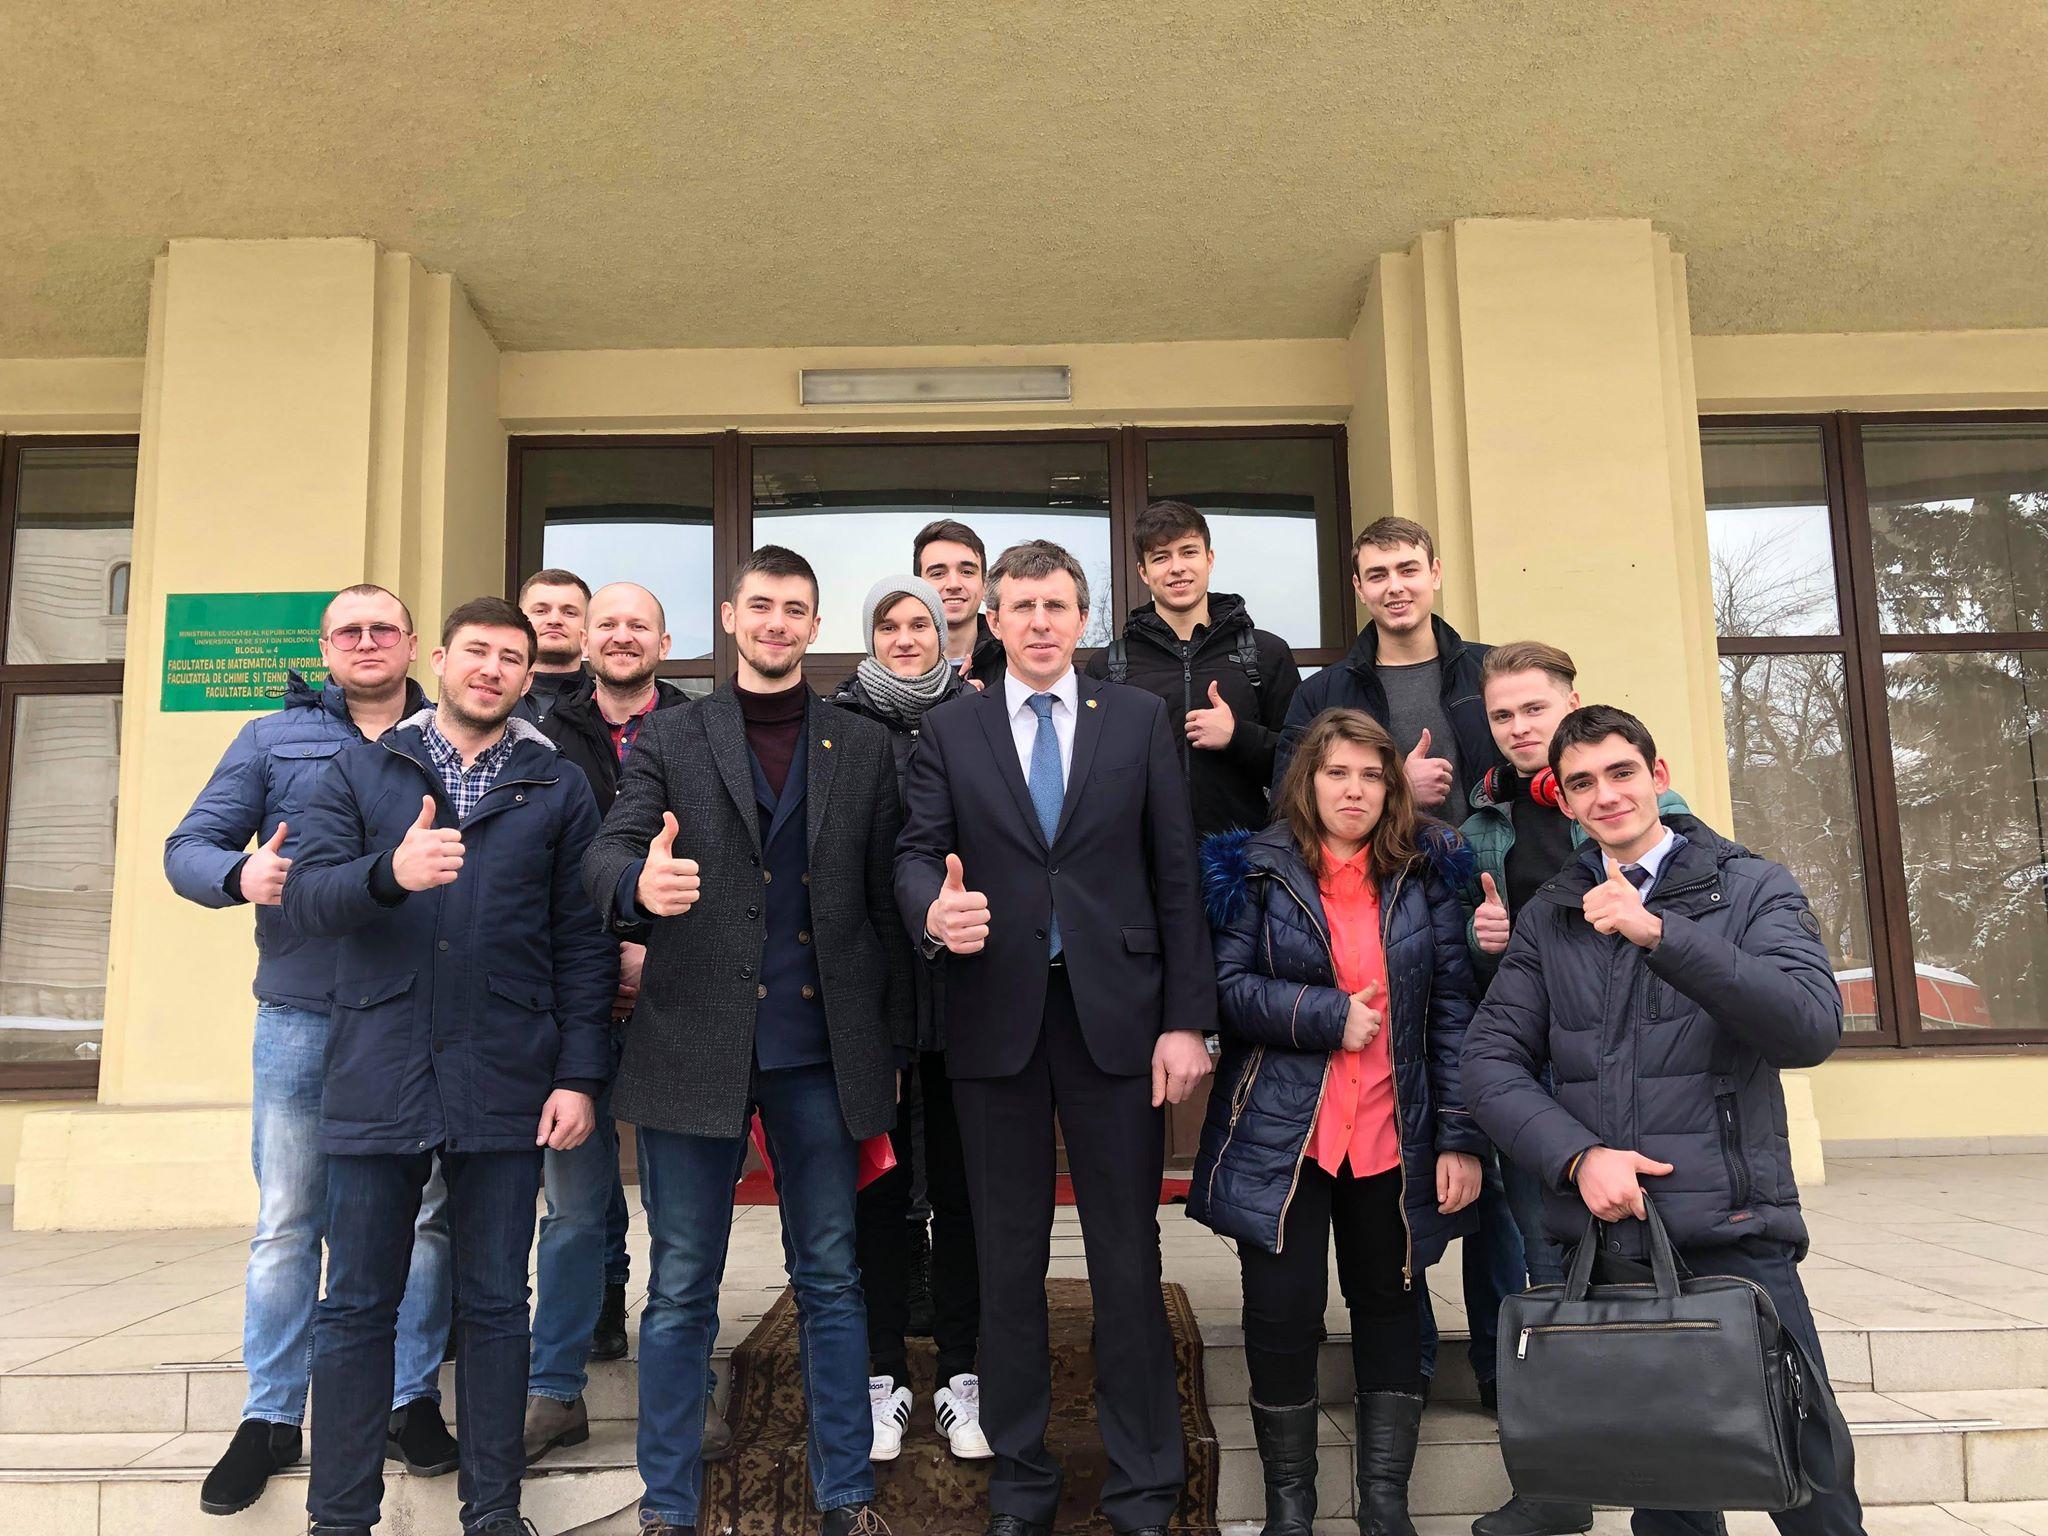 Vlad Bilețchi: Am mers din casă în casă pentru a convinge oamenii că unioniștii trebuie să fie reprezentați în Parlament